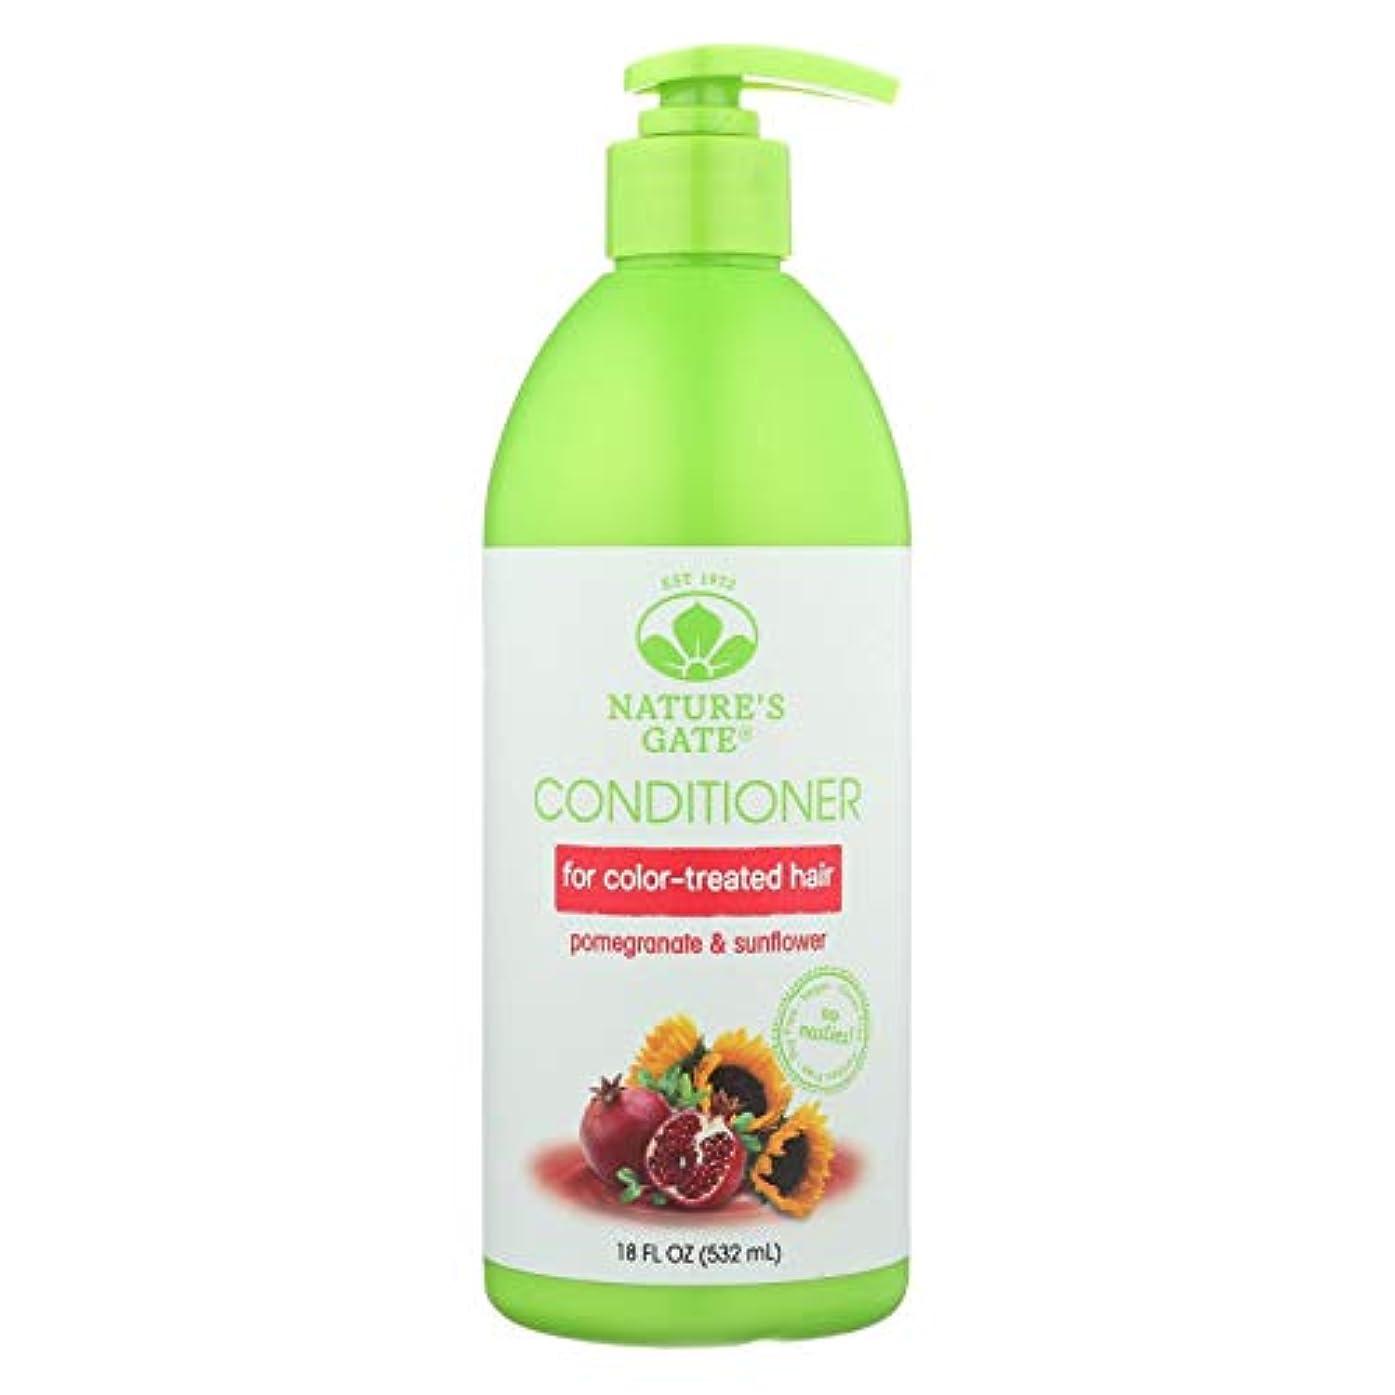 ネストエレベーター倉庫Nature's Gate, Conditioner, Hair Defense, Pomegranate Sunflower, 18 fl oz (532 ml)